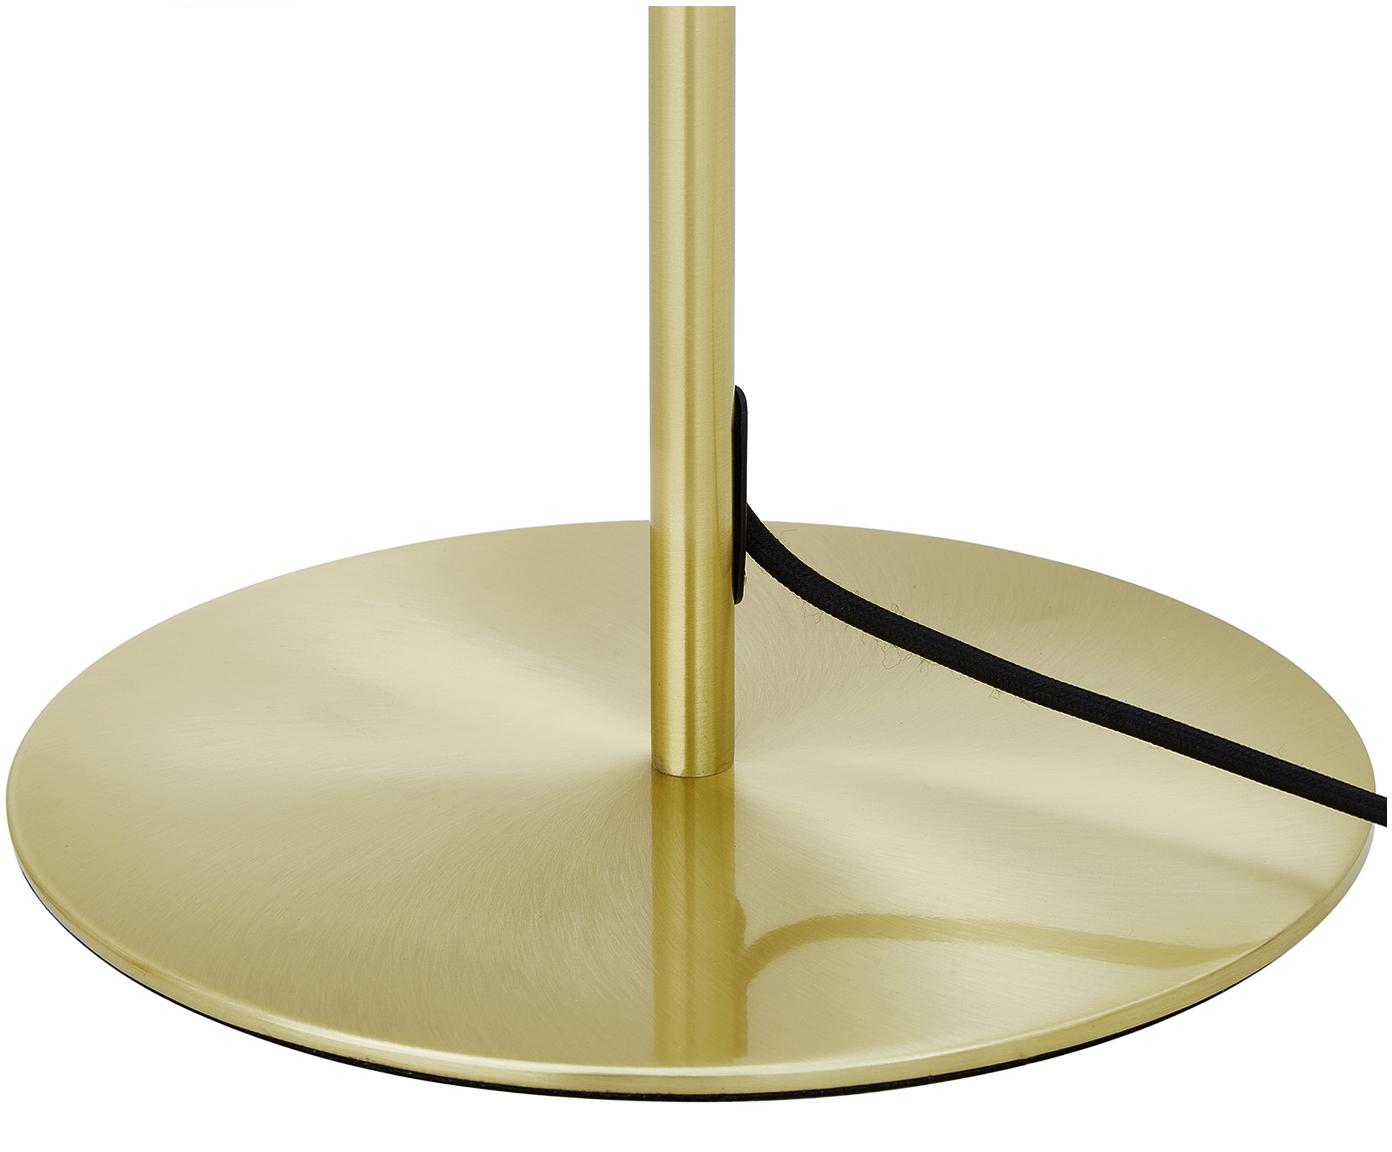 Lampa podłogowa Aurelia, Mosiądz, biały, Ø 25 x W 155 cm